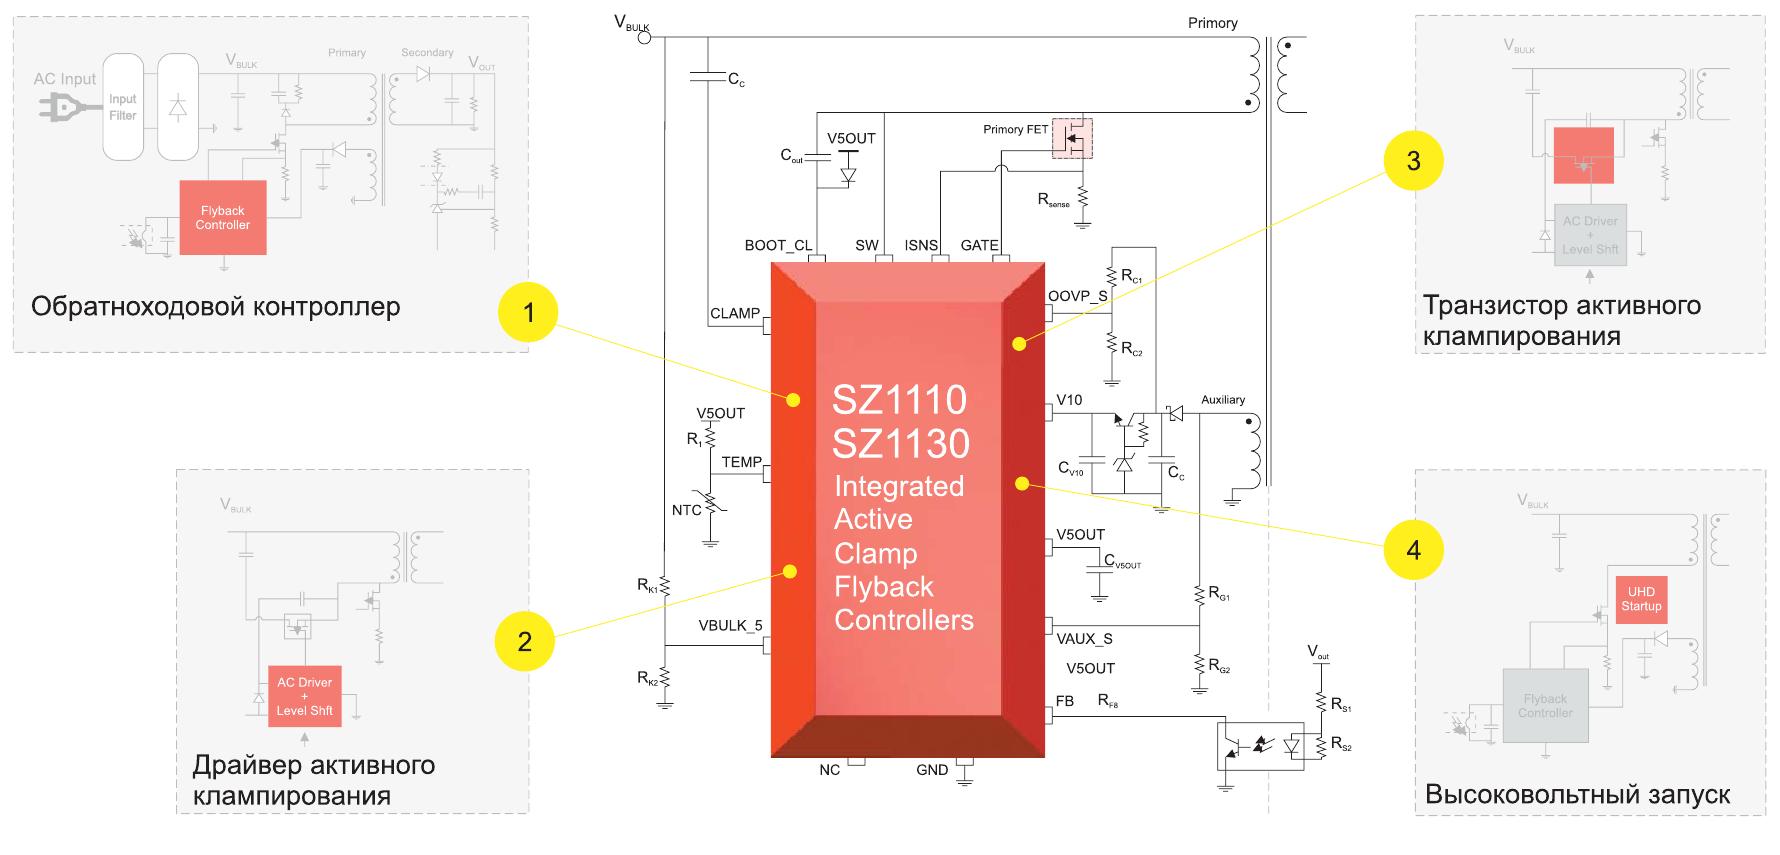 Высокоинтегрированная кремниевая ИС ACF от Silanna объединяет четыре функции в одном корпусе